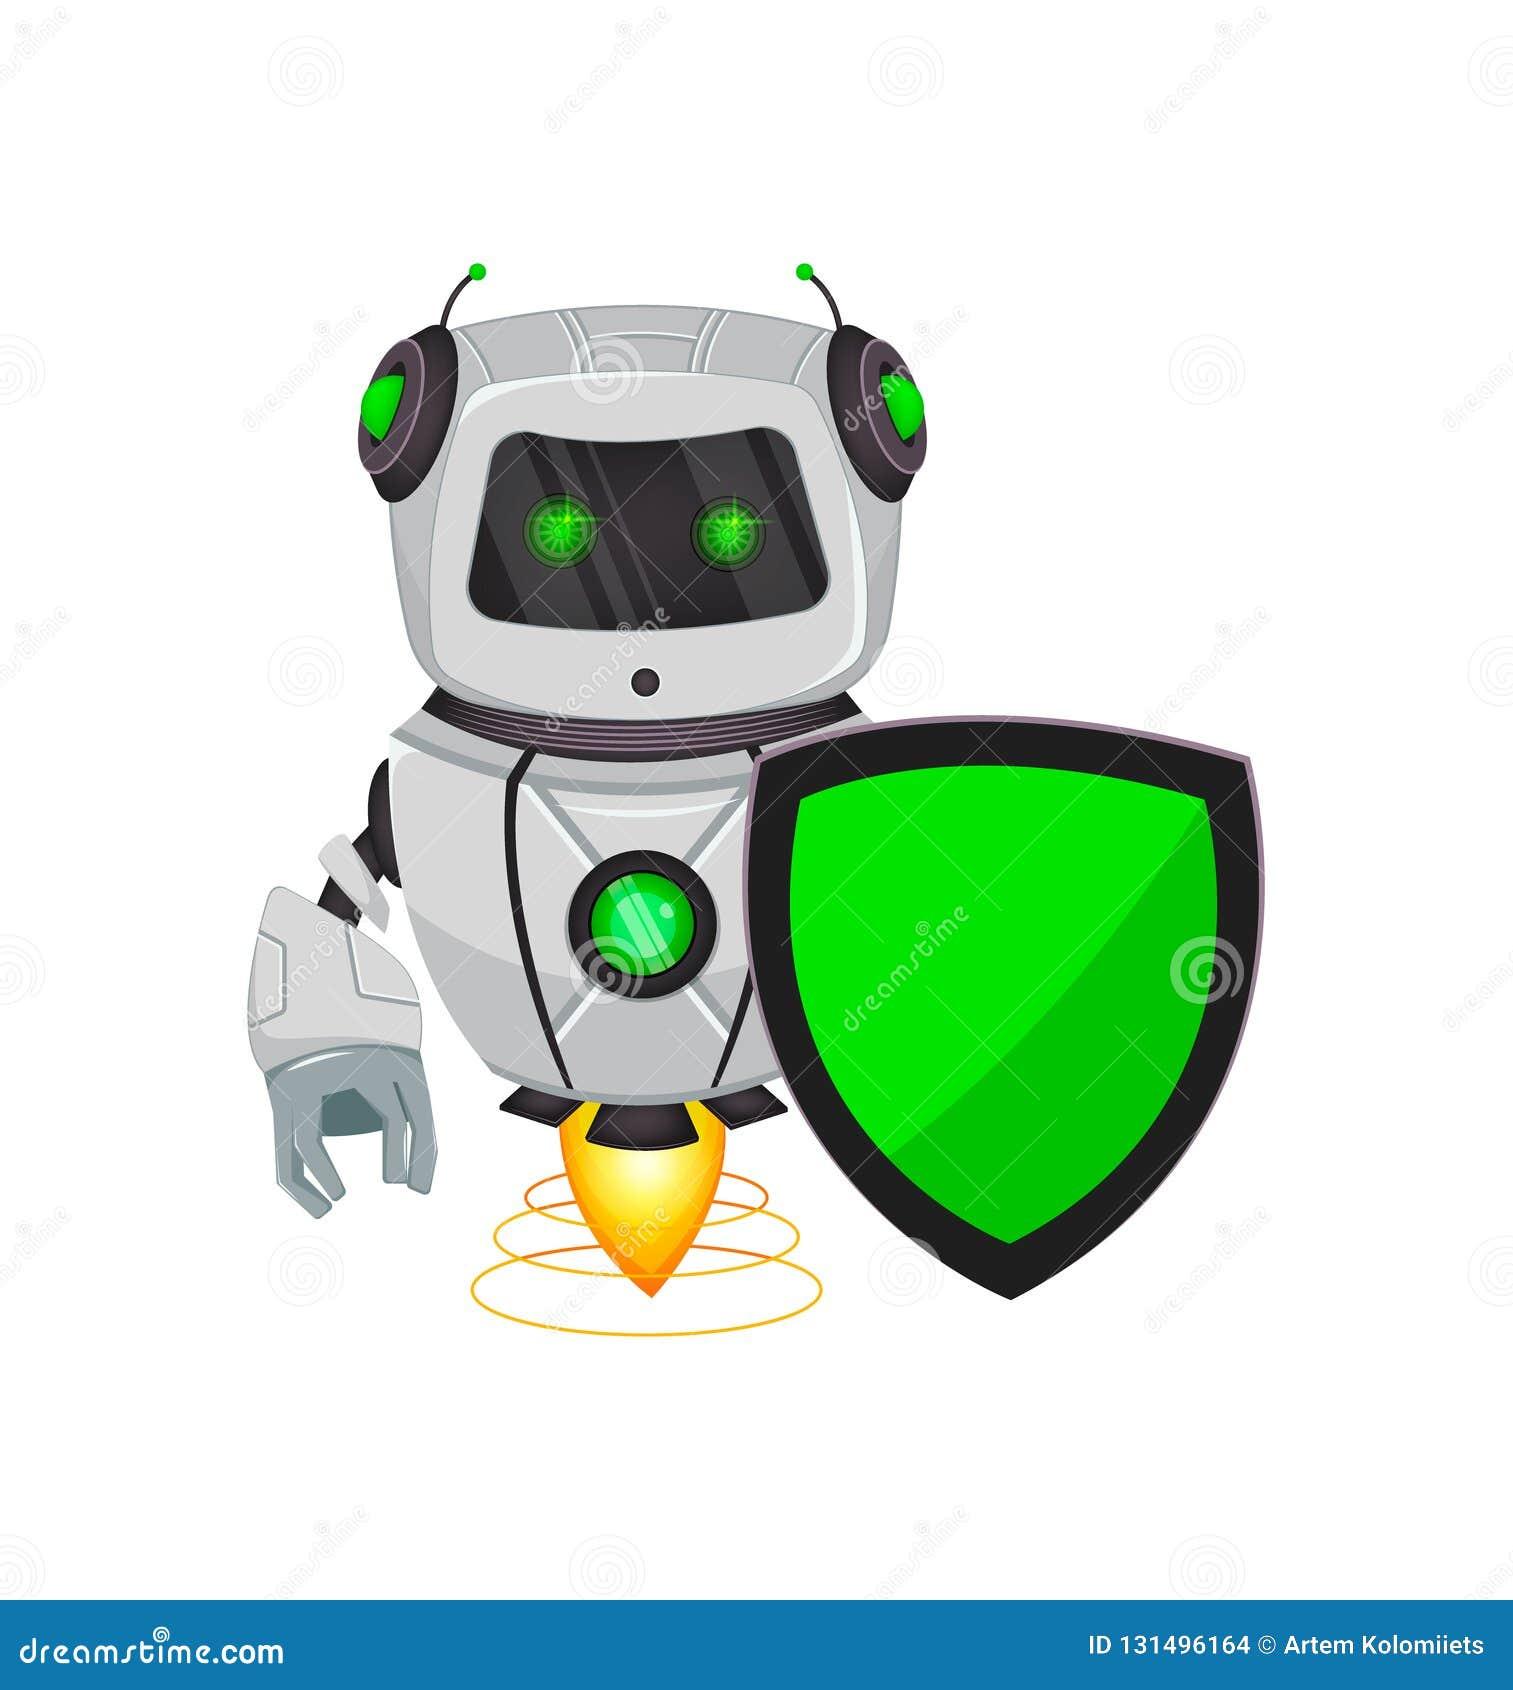 Robot met kunstmatige intelligentie, bot Het grappige beeldverhaalkarakter houdt groen schild Humanoid cybernetisch organisme Toe